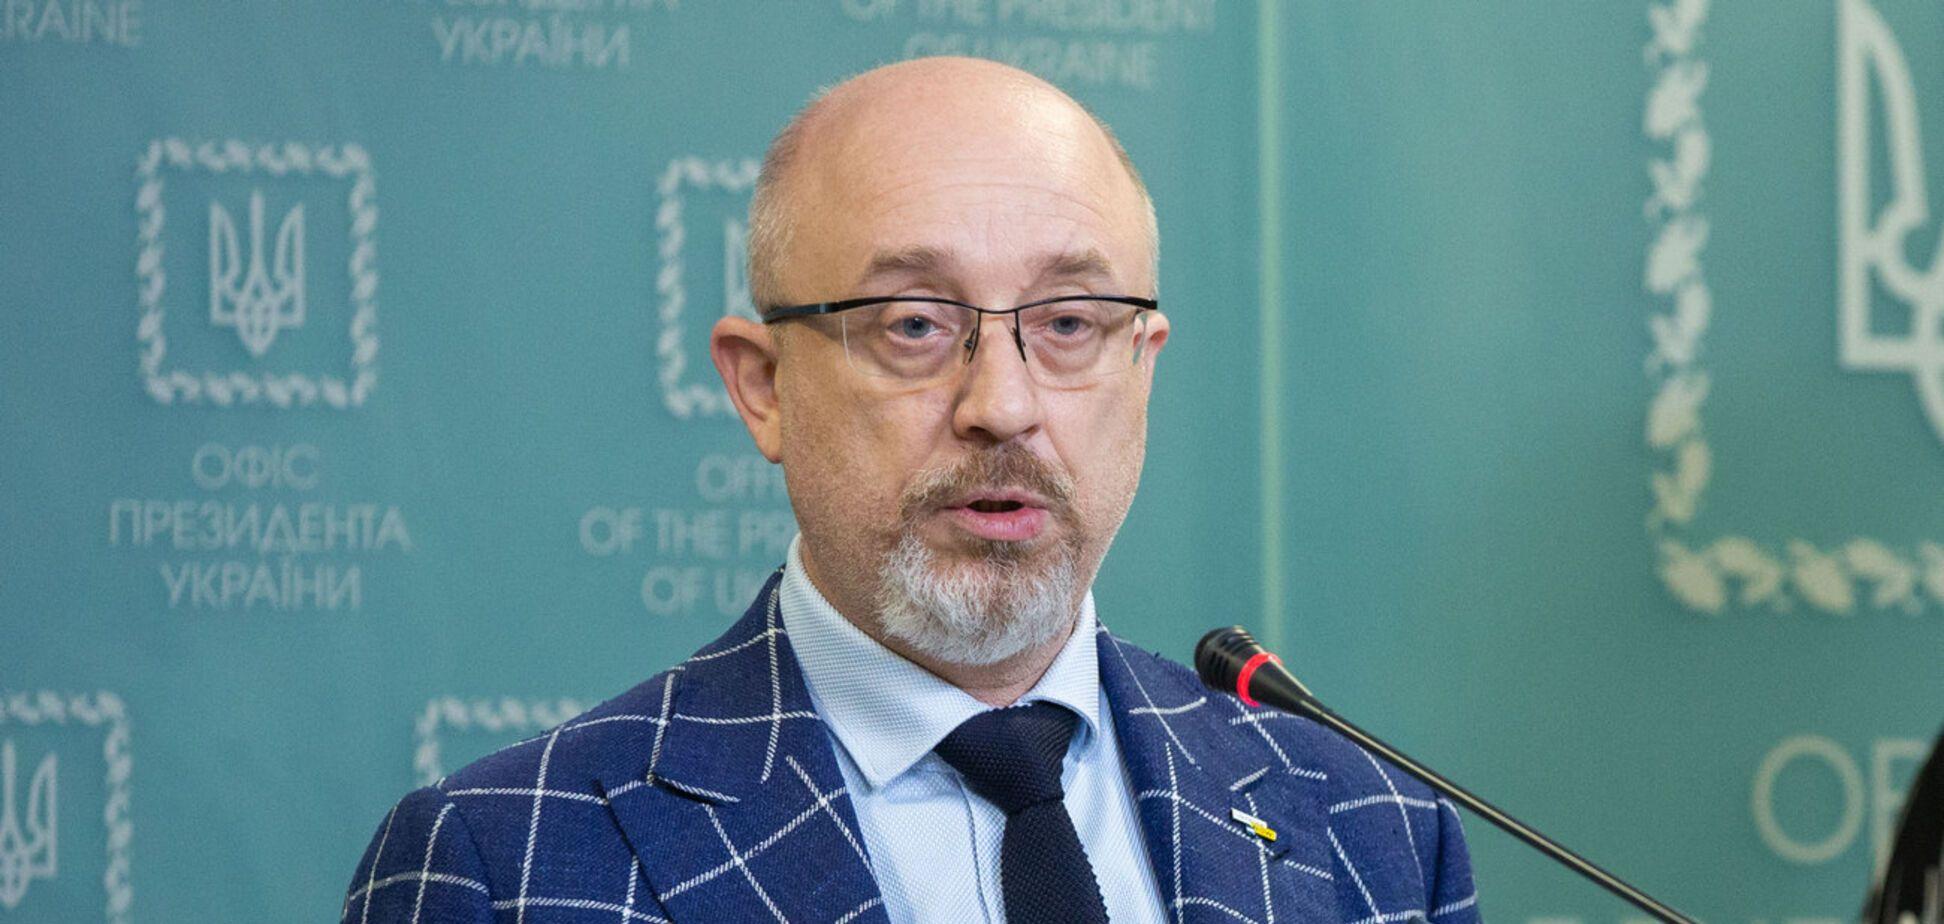 Резников заявил, что представителей ОРДЛО будет больше четырех